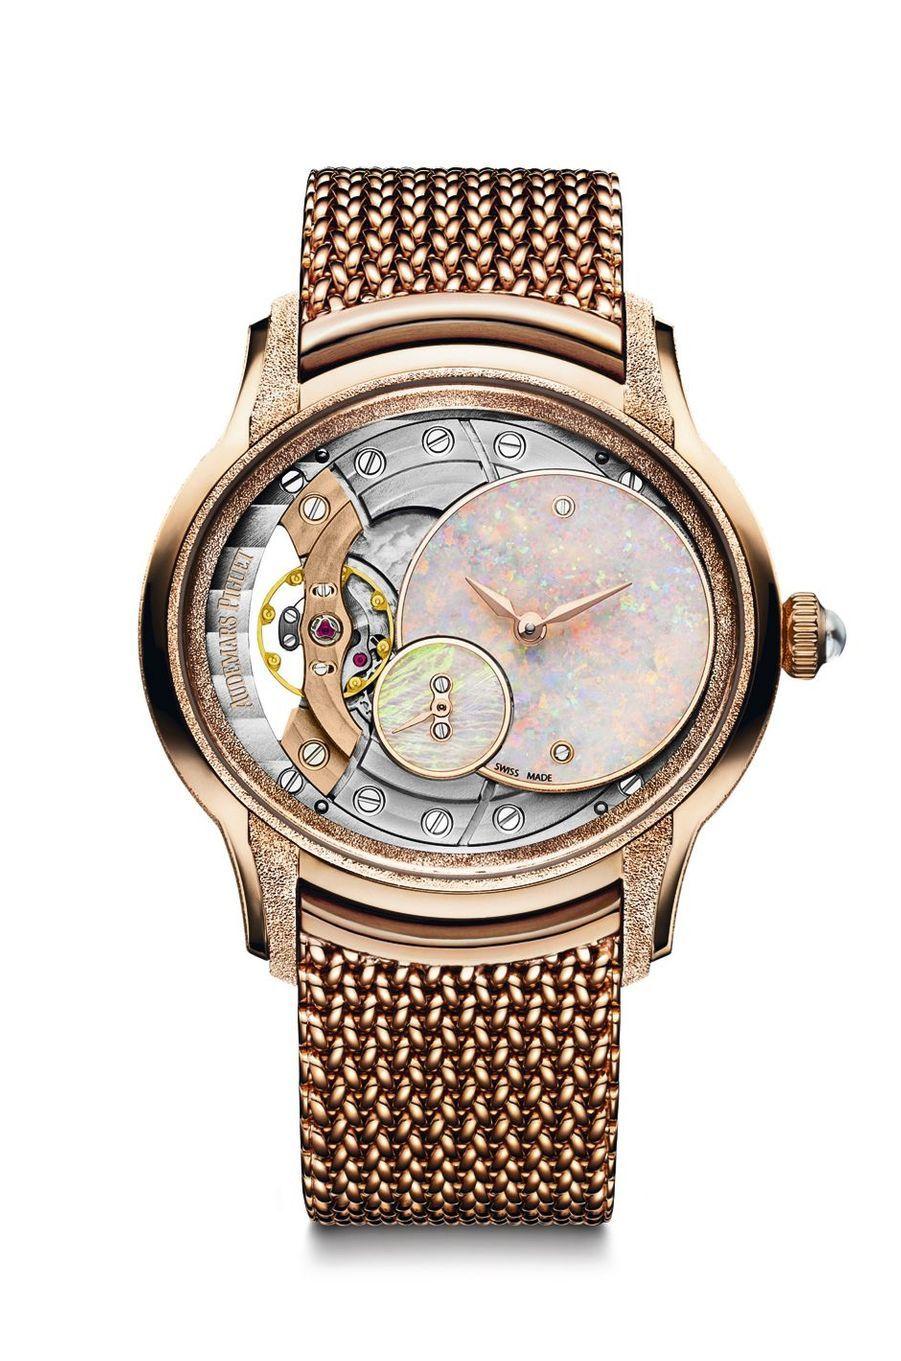 Millenary Frosted Gold en or rose, cadran en opale, mouvement squelette à remontage manuel avec heures et minutes décentrées, bracelet en or rose. Audemars Piguet. 53 900 €.